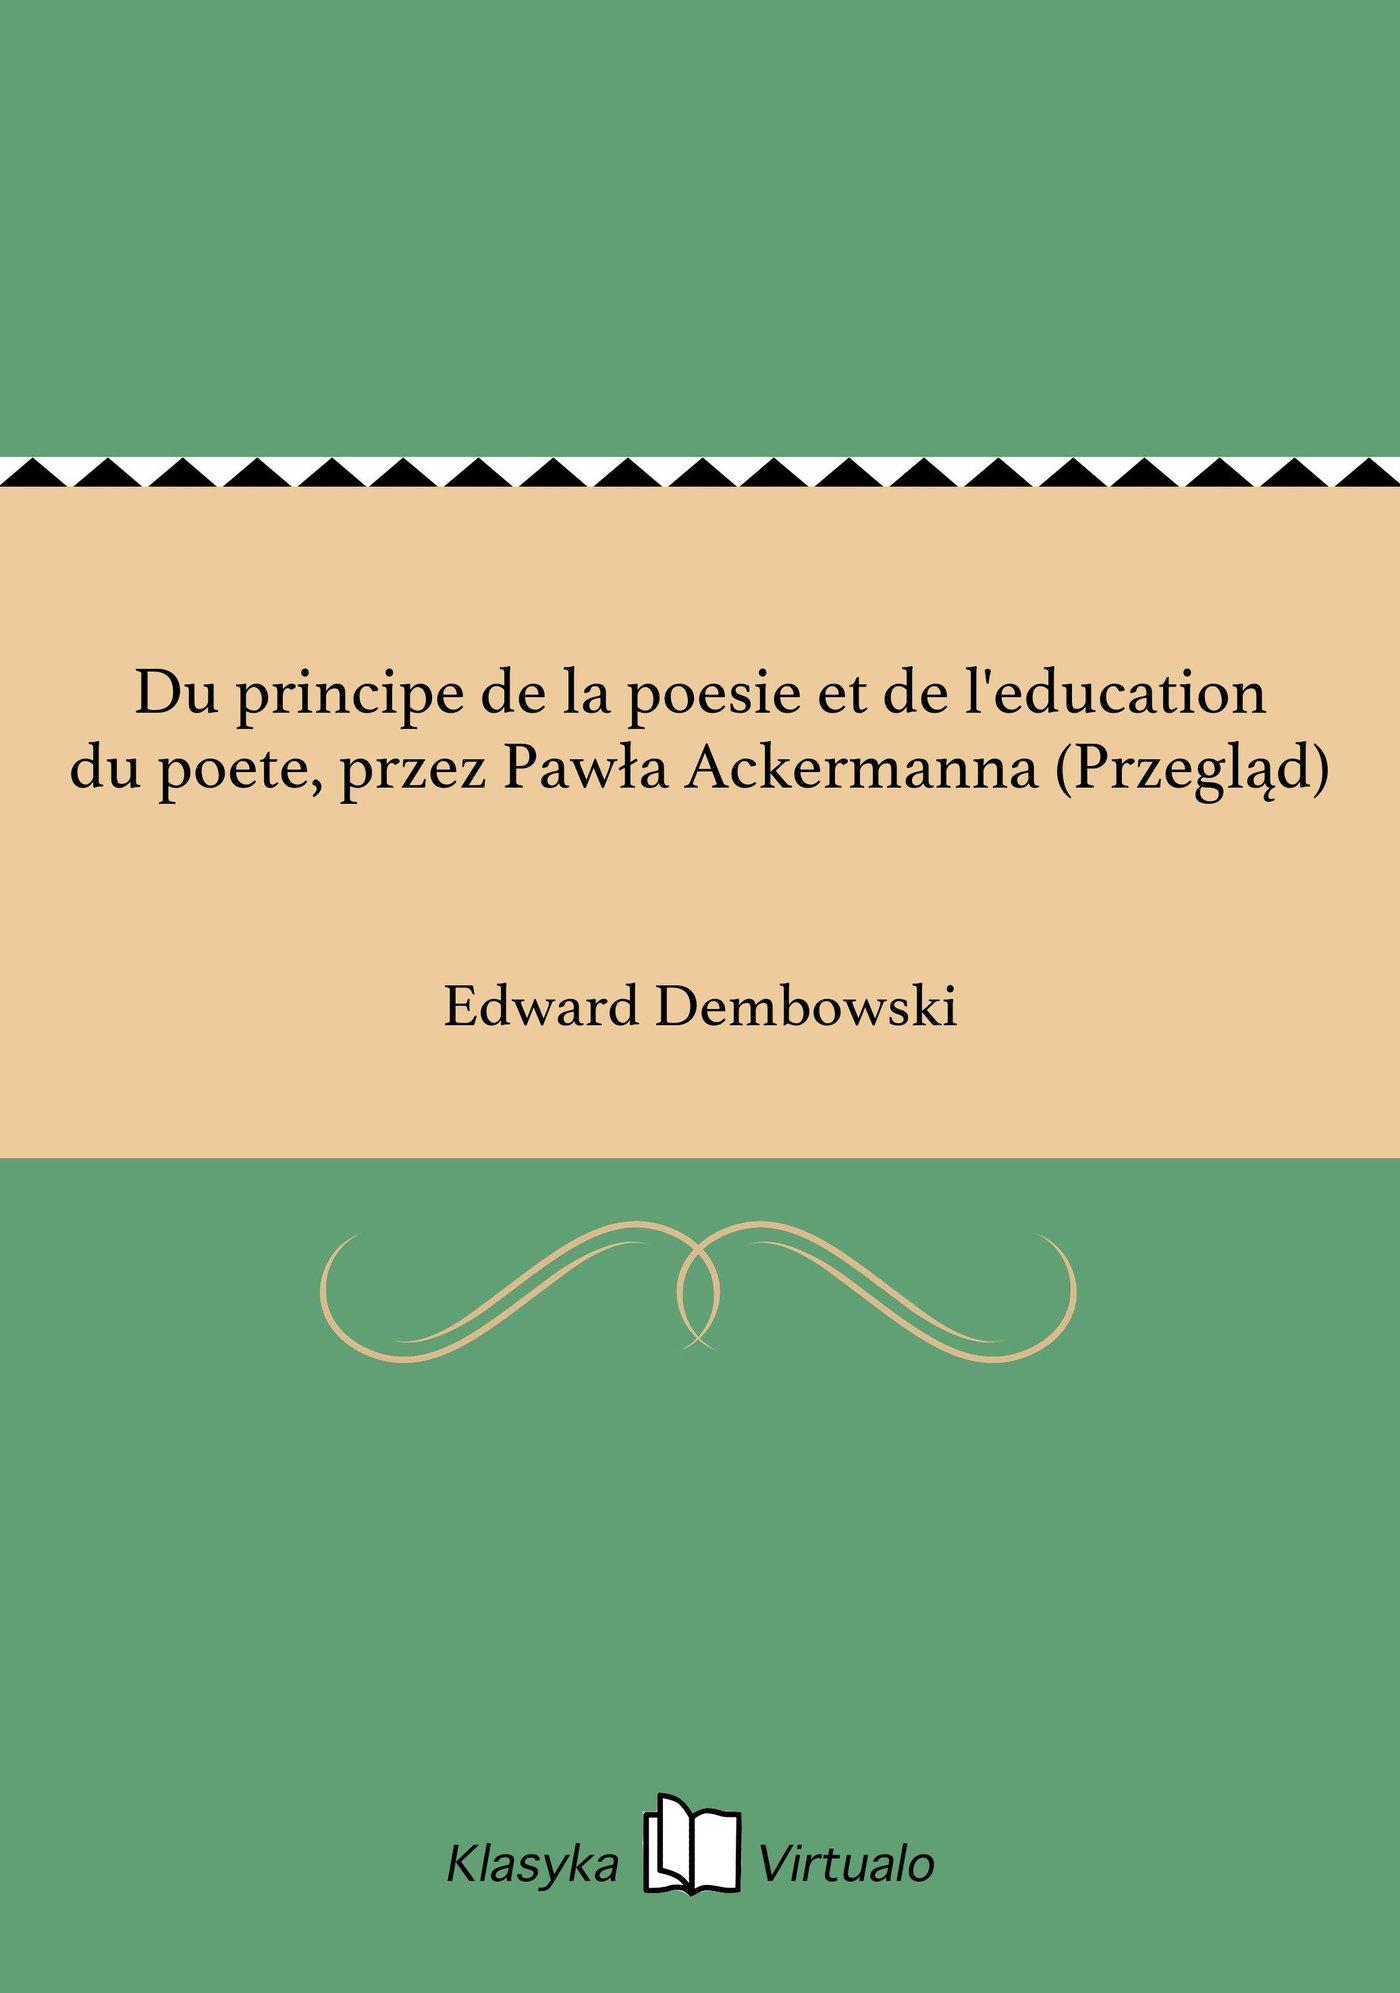 Du principe de la poesie et de l'education du poete, przez Pawła Ackermanna (Przegląd) - Ebook (Książka EPUB) do pobrania w formacie EPUB